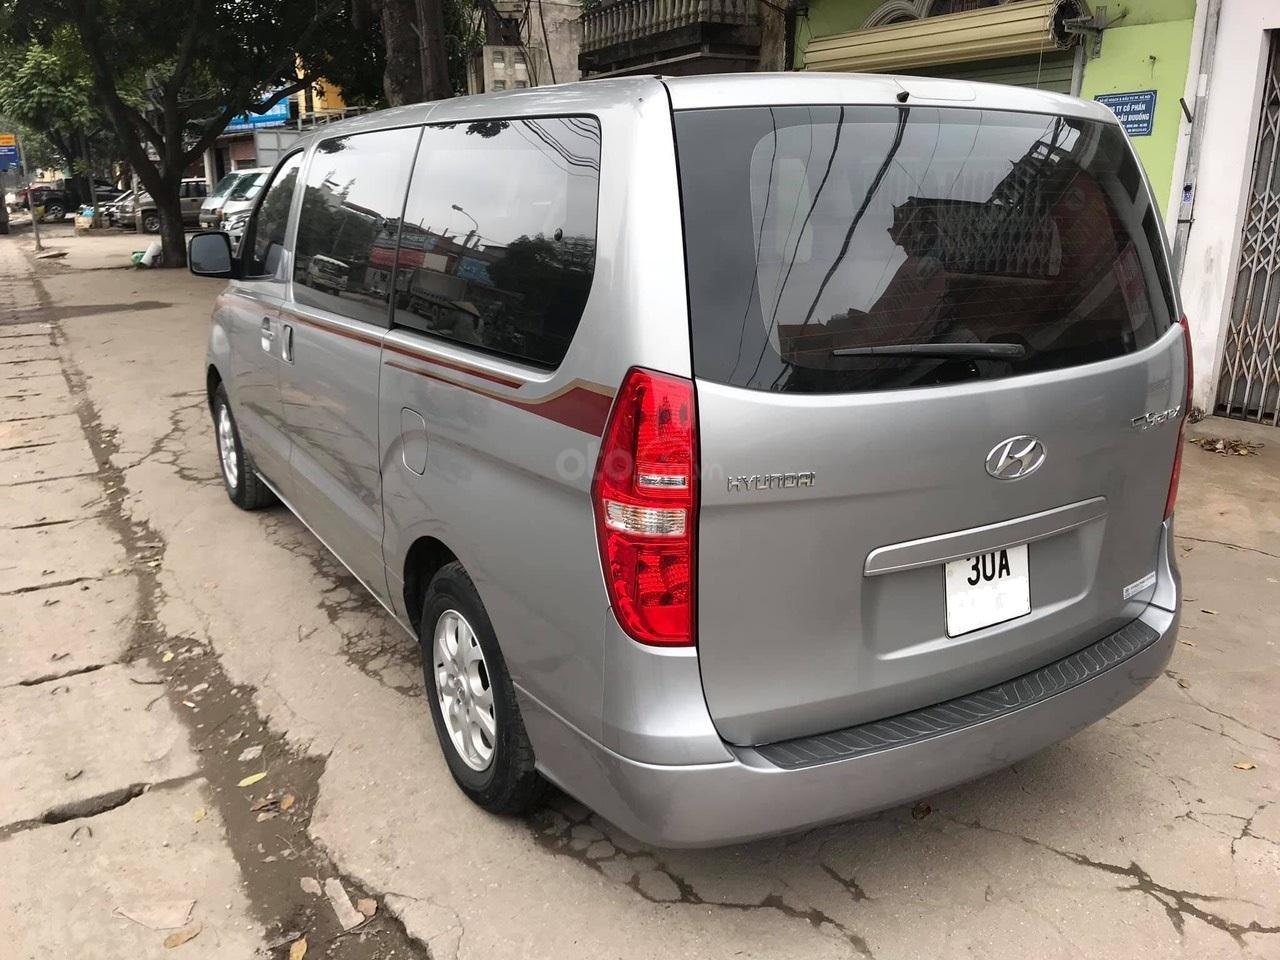 Bán xe 9 chỗ, máy dầu, số sàn hiệu Hyundai Starex, xe được nhập khẩu nguyên chiếc từ Hàn Quốc, đời 2014-3